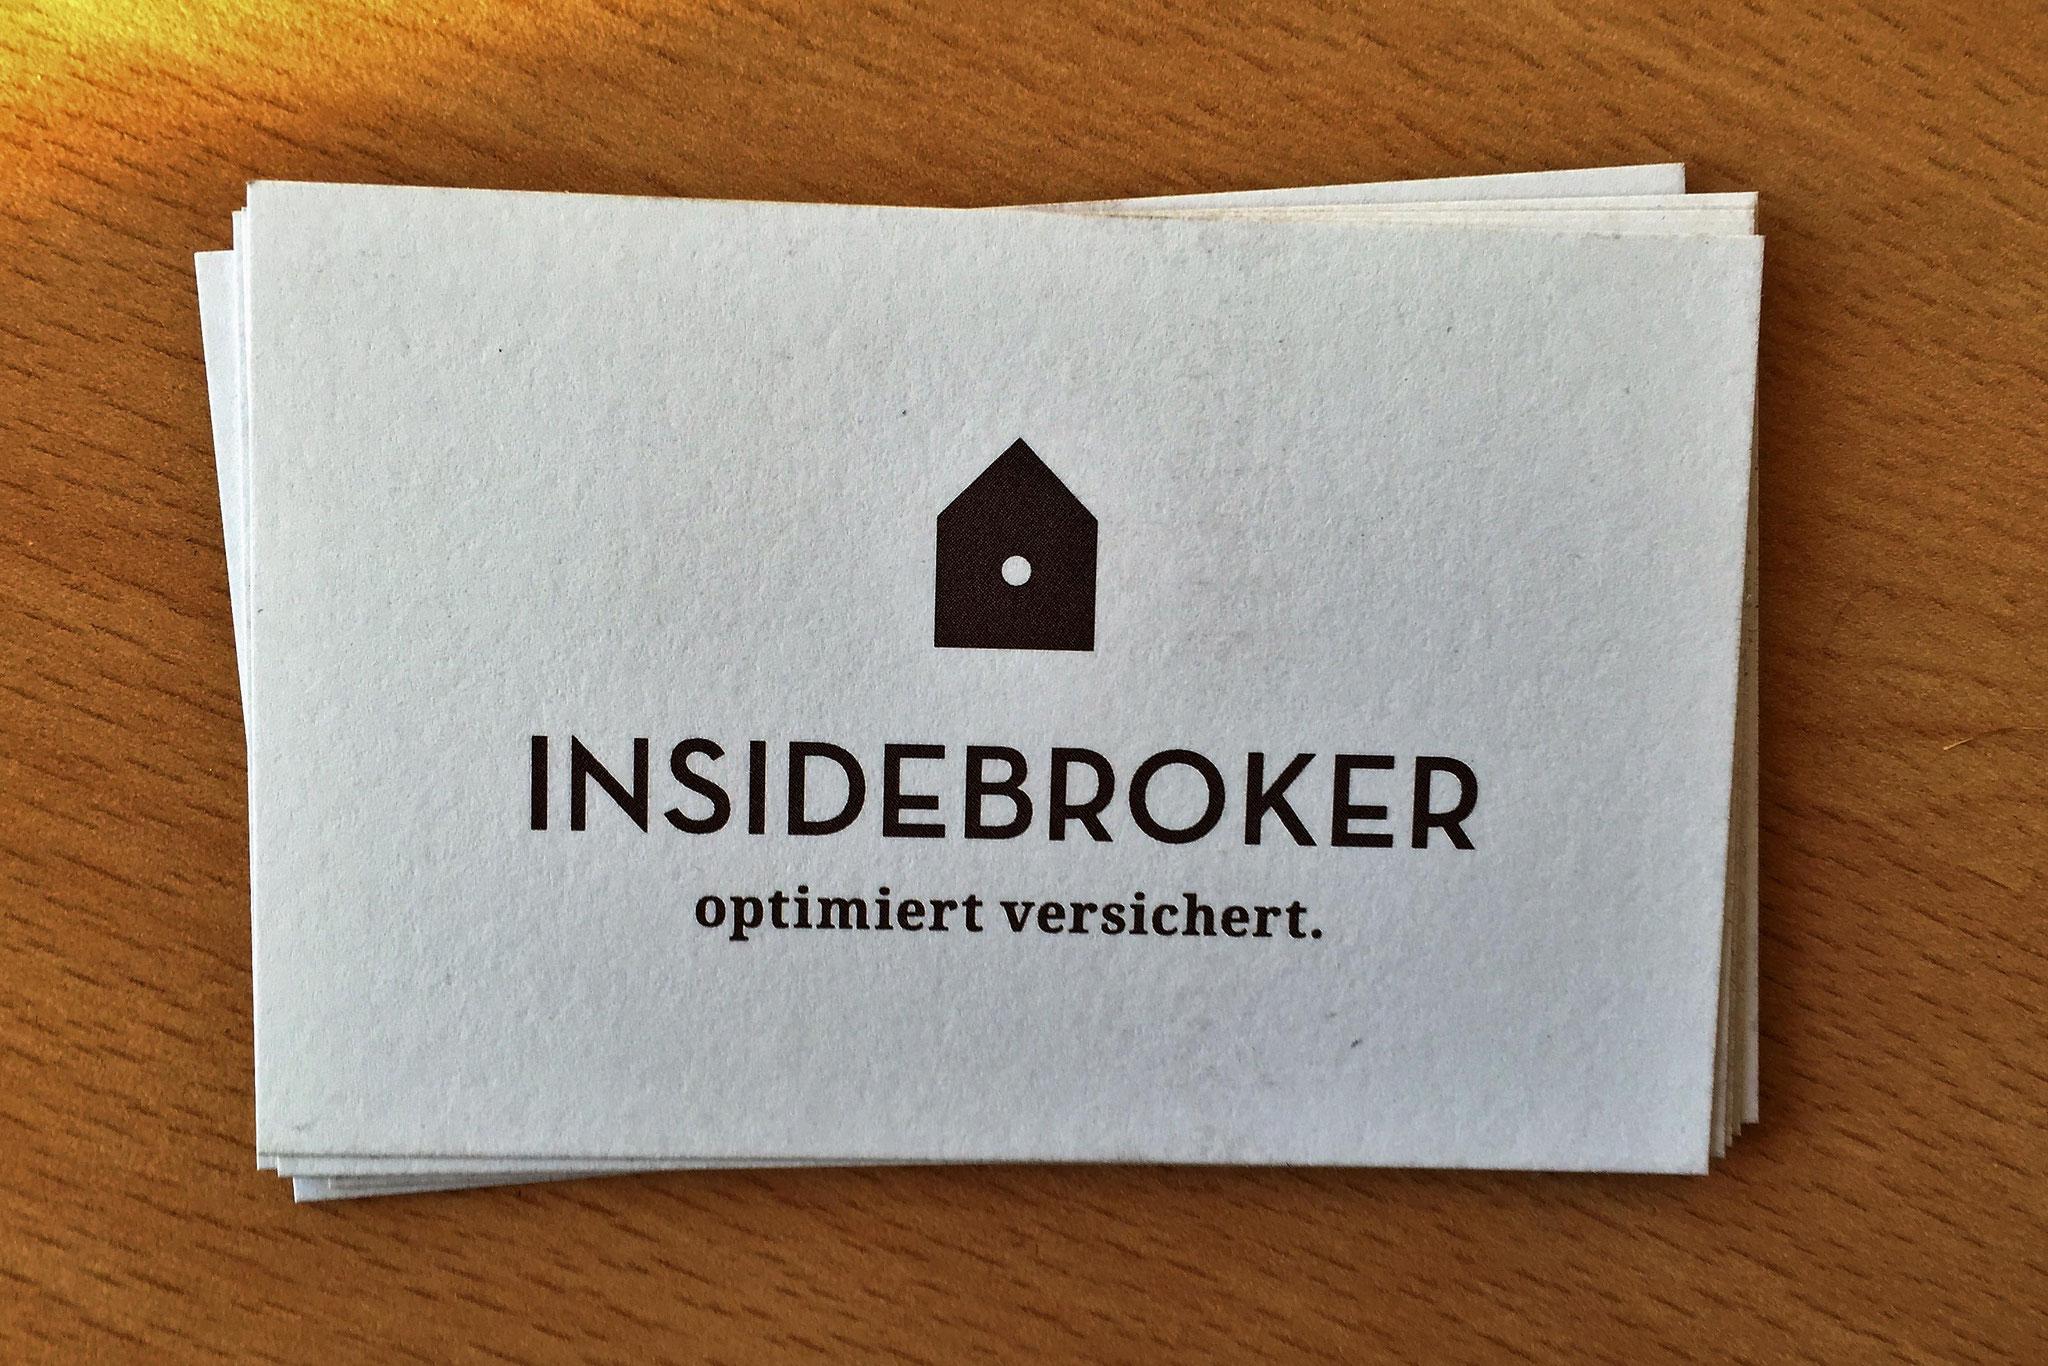 Visitenkarten von Insidebroker, Oberkirch